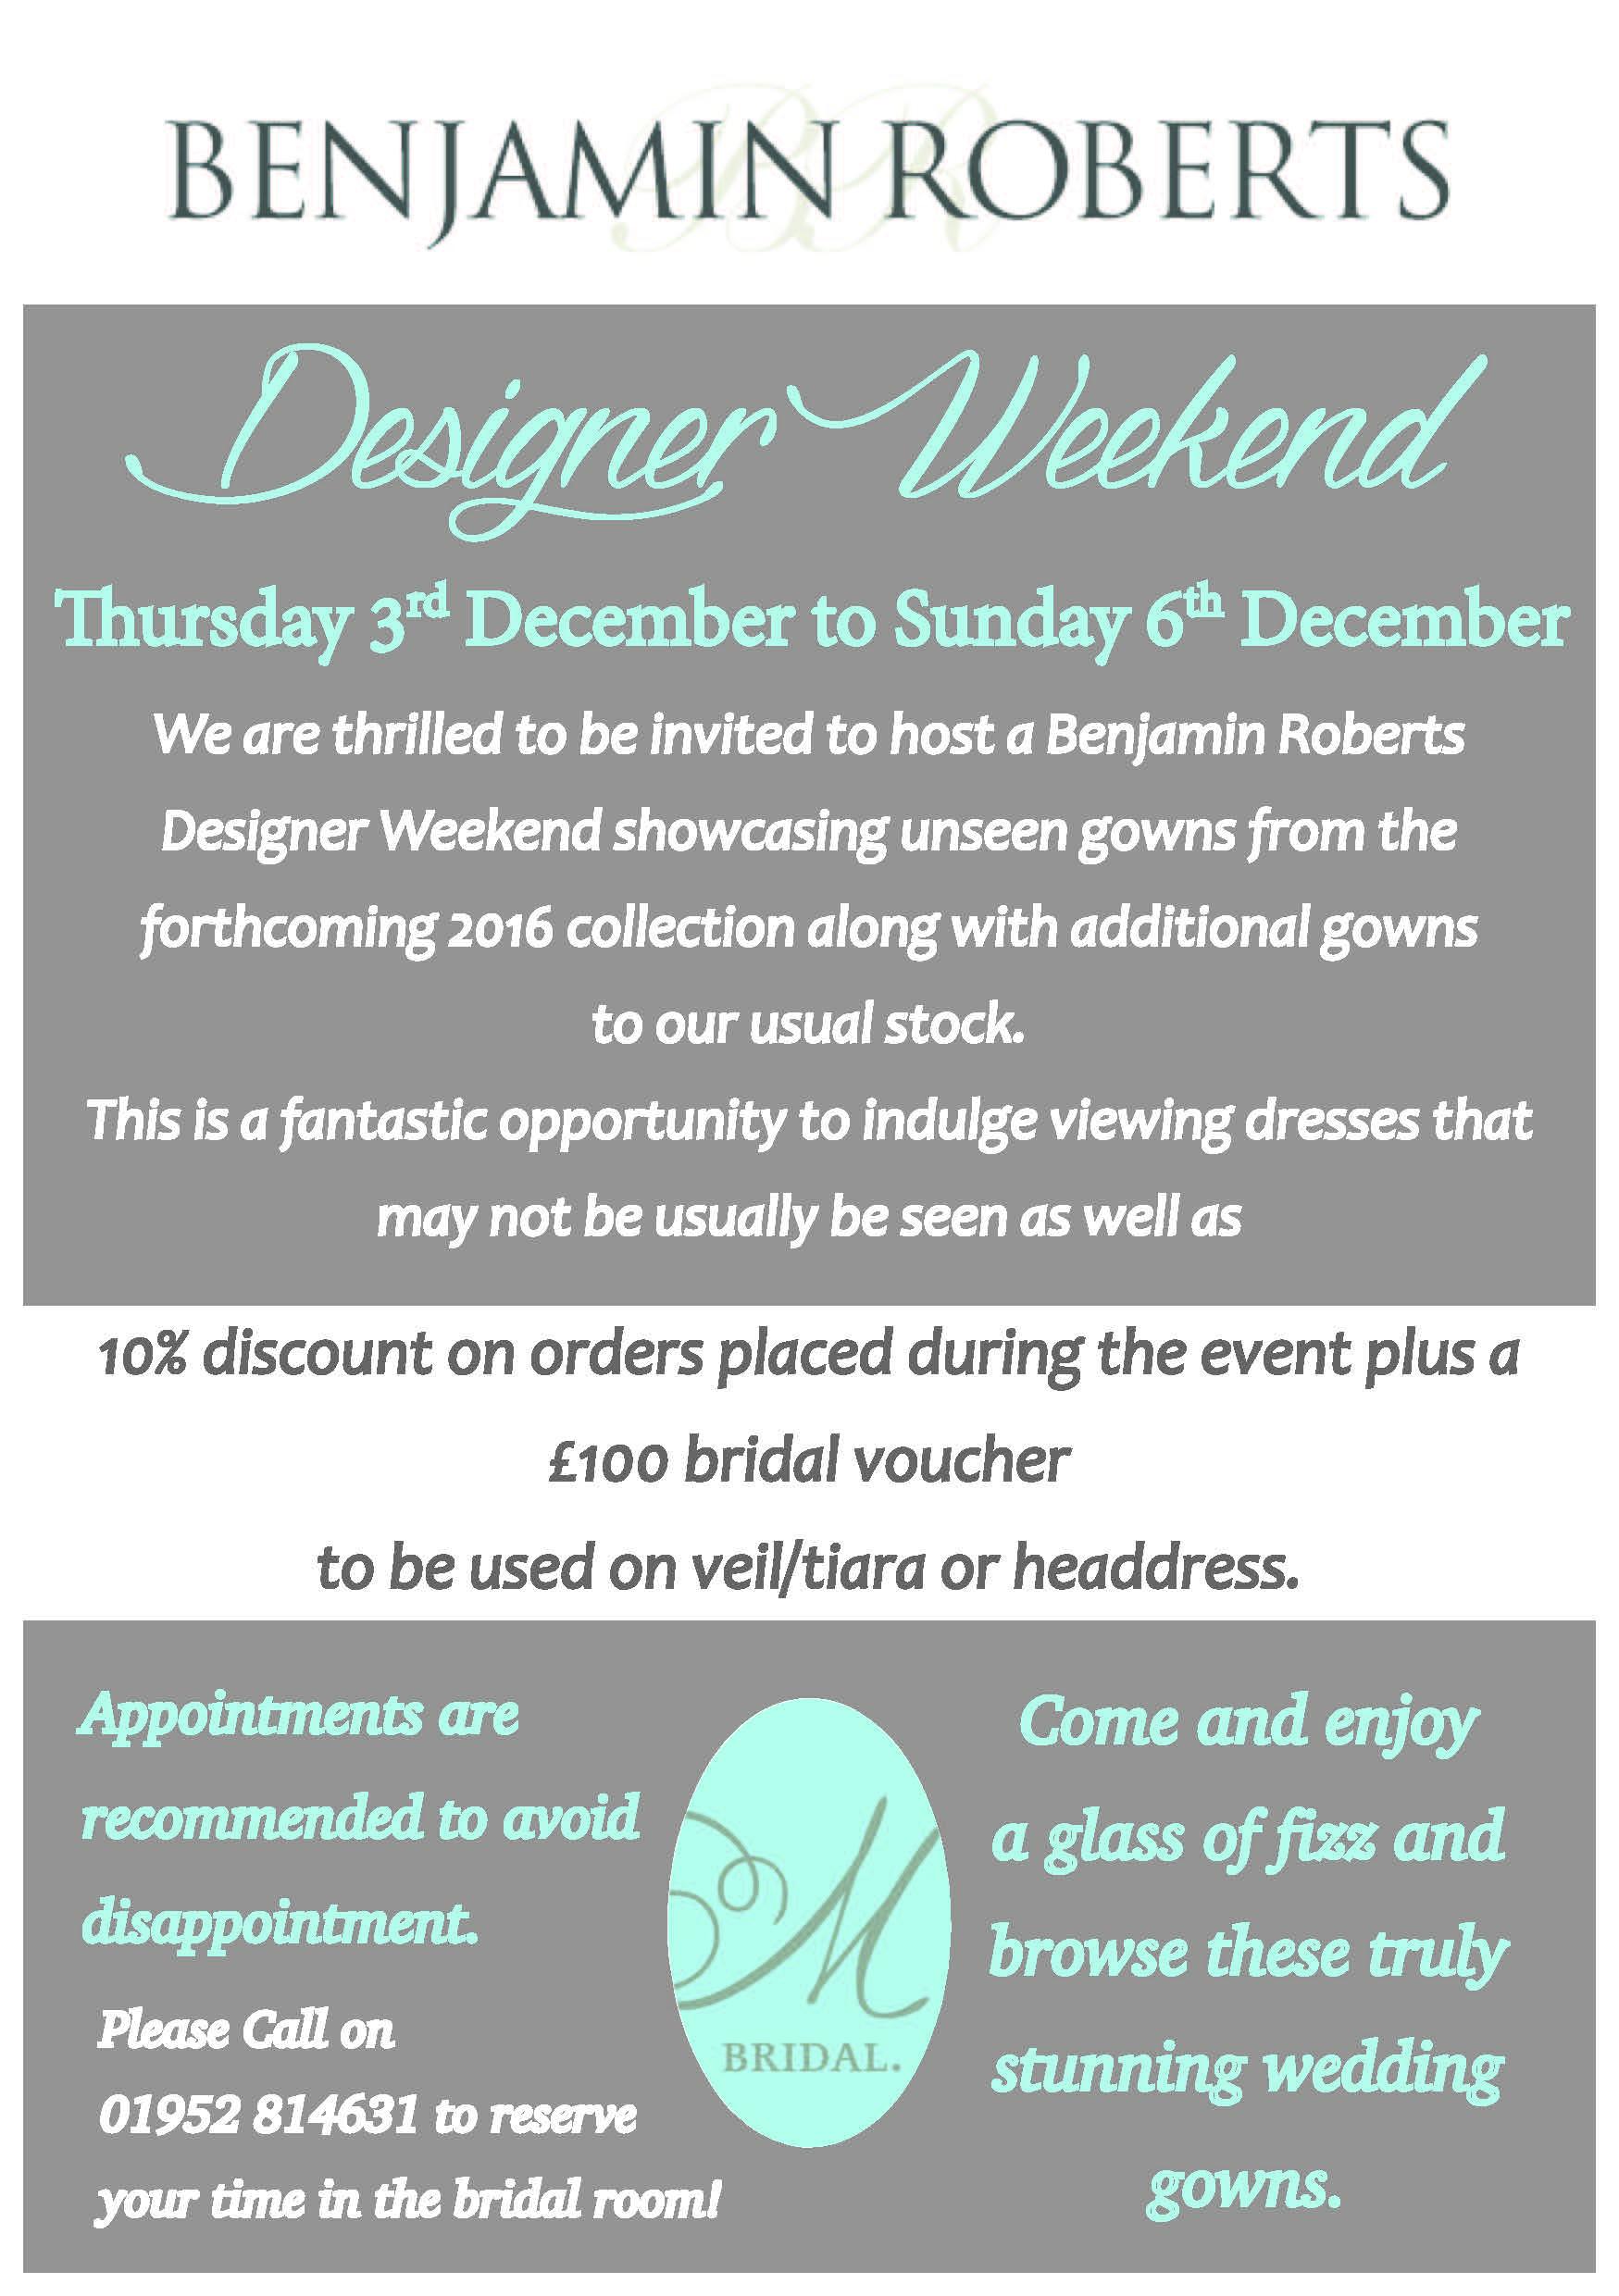 Benjamin Roberts Designer Weekend